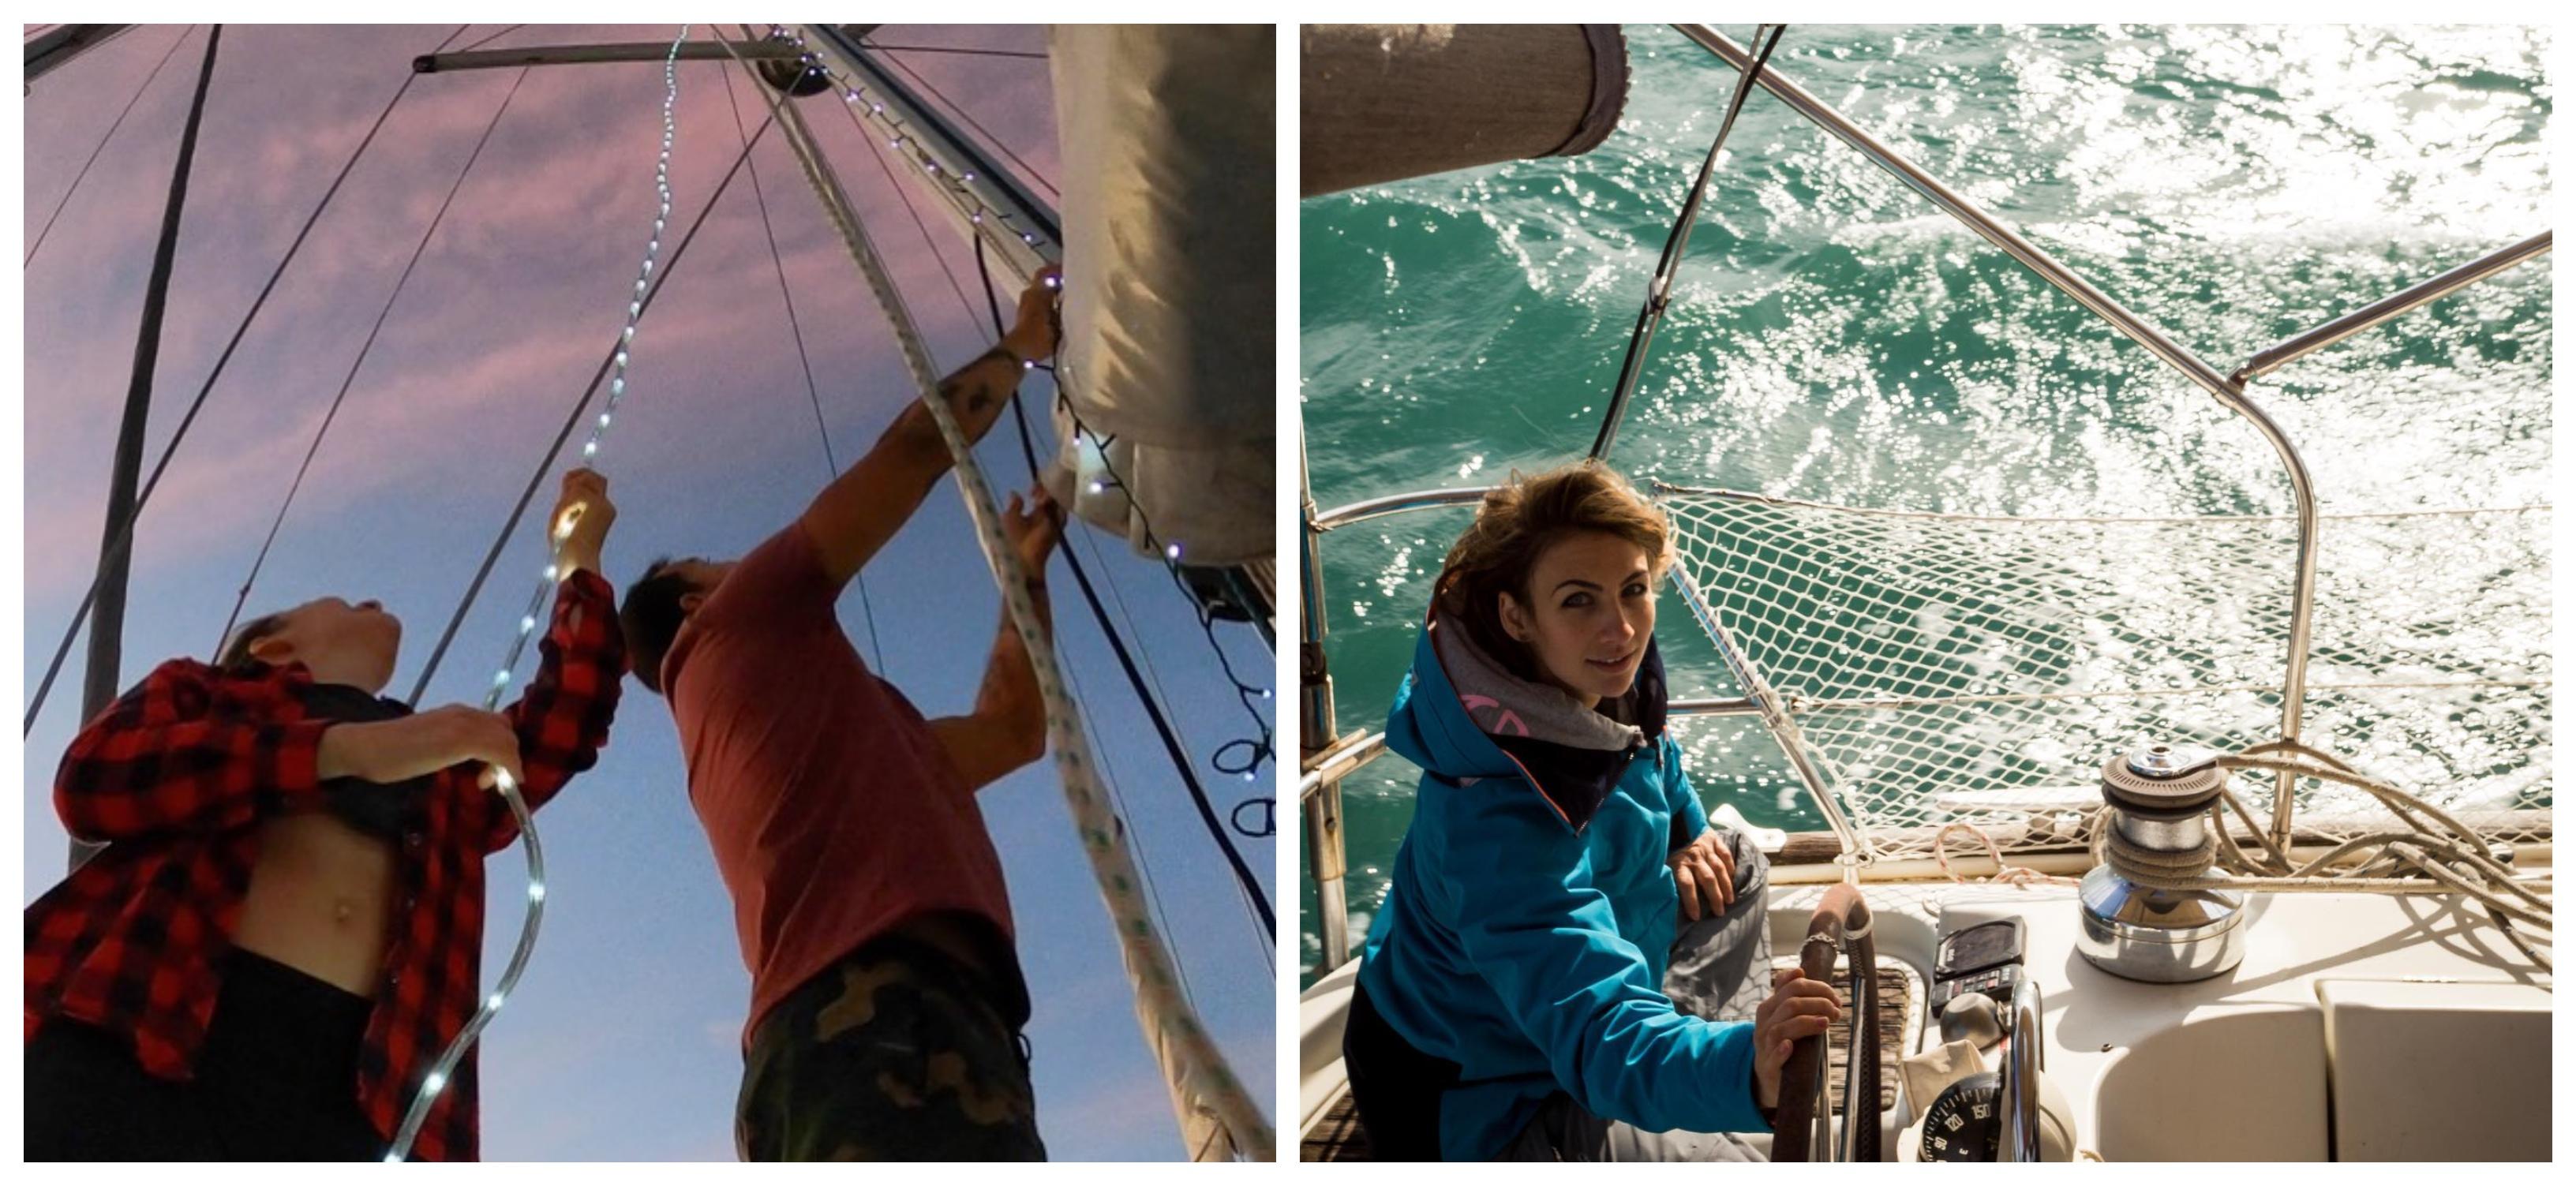 Marvin et Daniela en décembre, pendant les fêtes de noël, Photo: Sailing Nomad Citizen